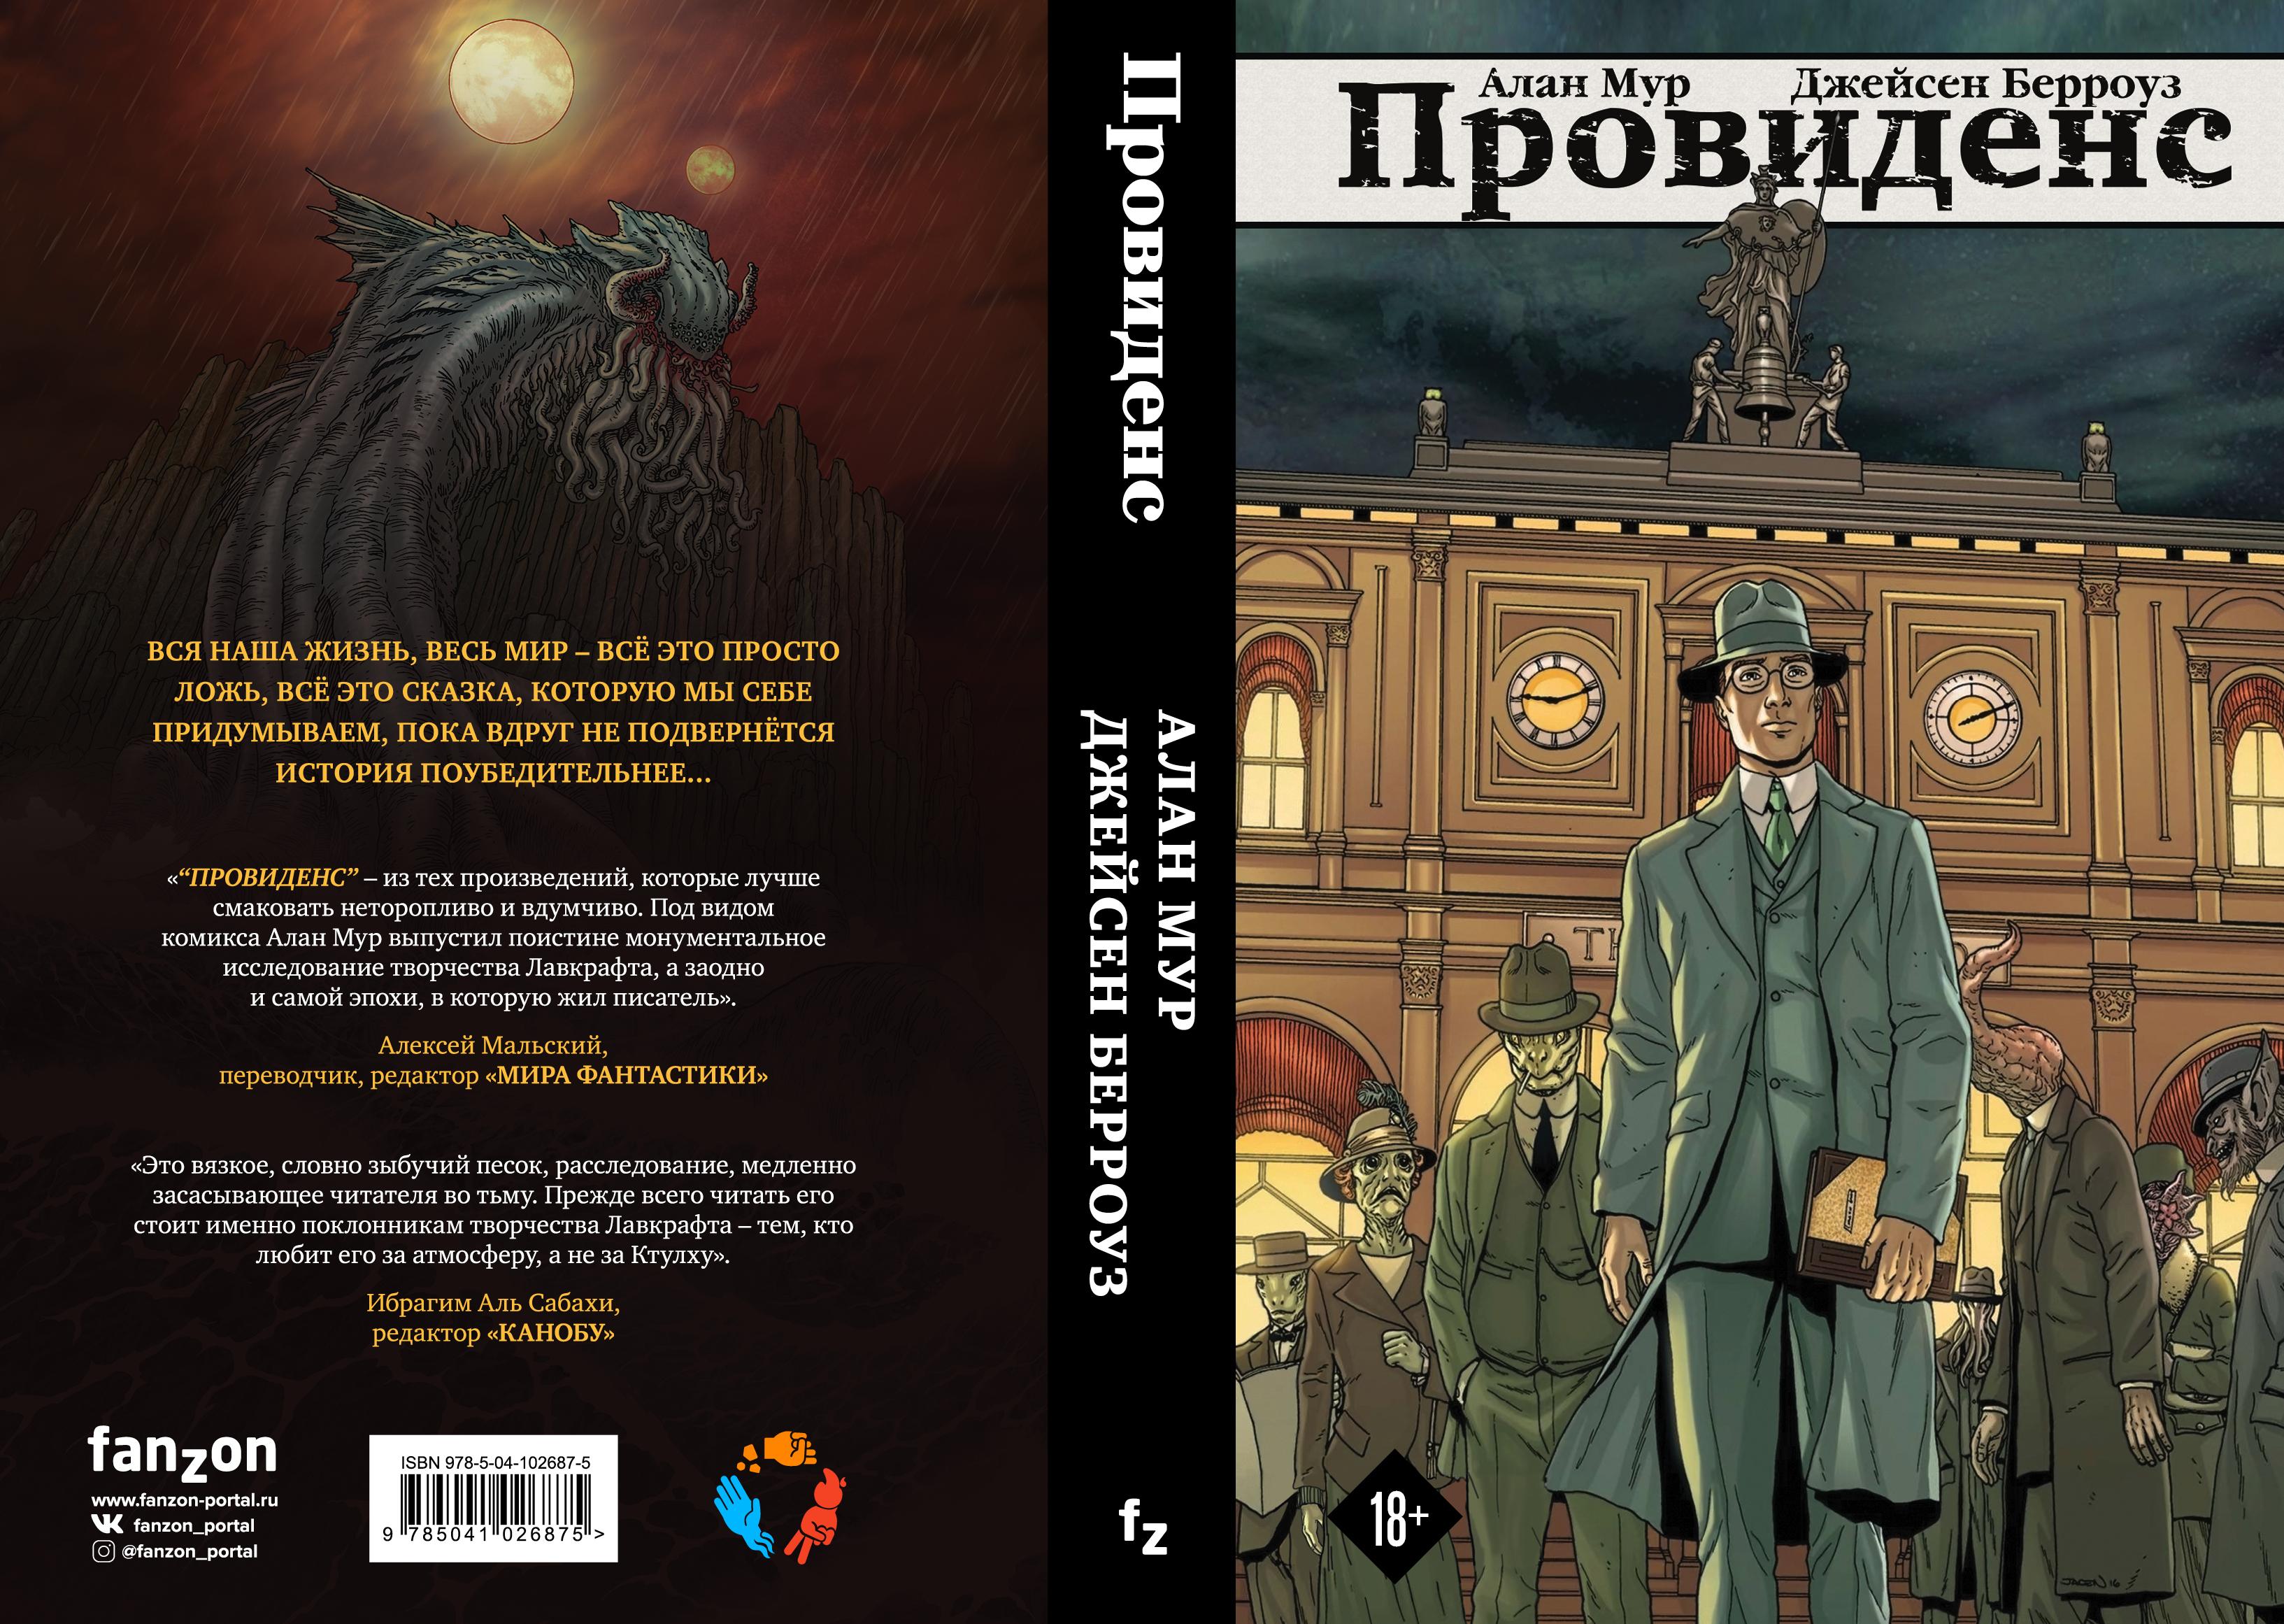 Что почитать: хоррор-омнибус Брайана Эвенсона и комикс «Провиденс» Алана Мура 2